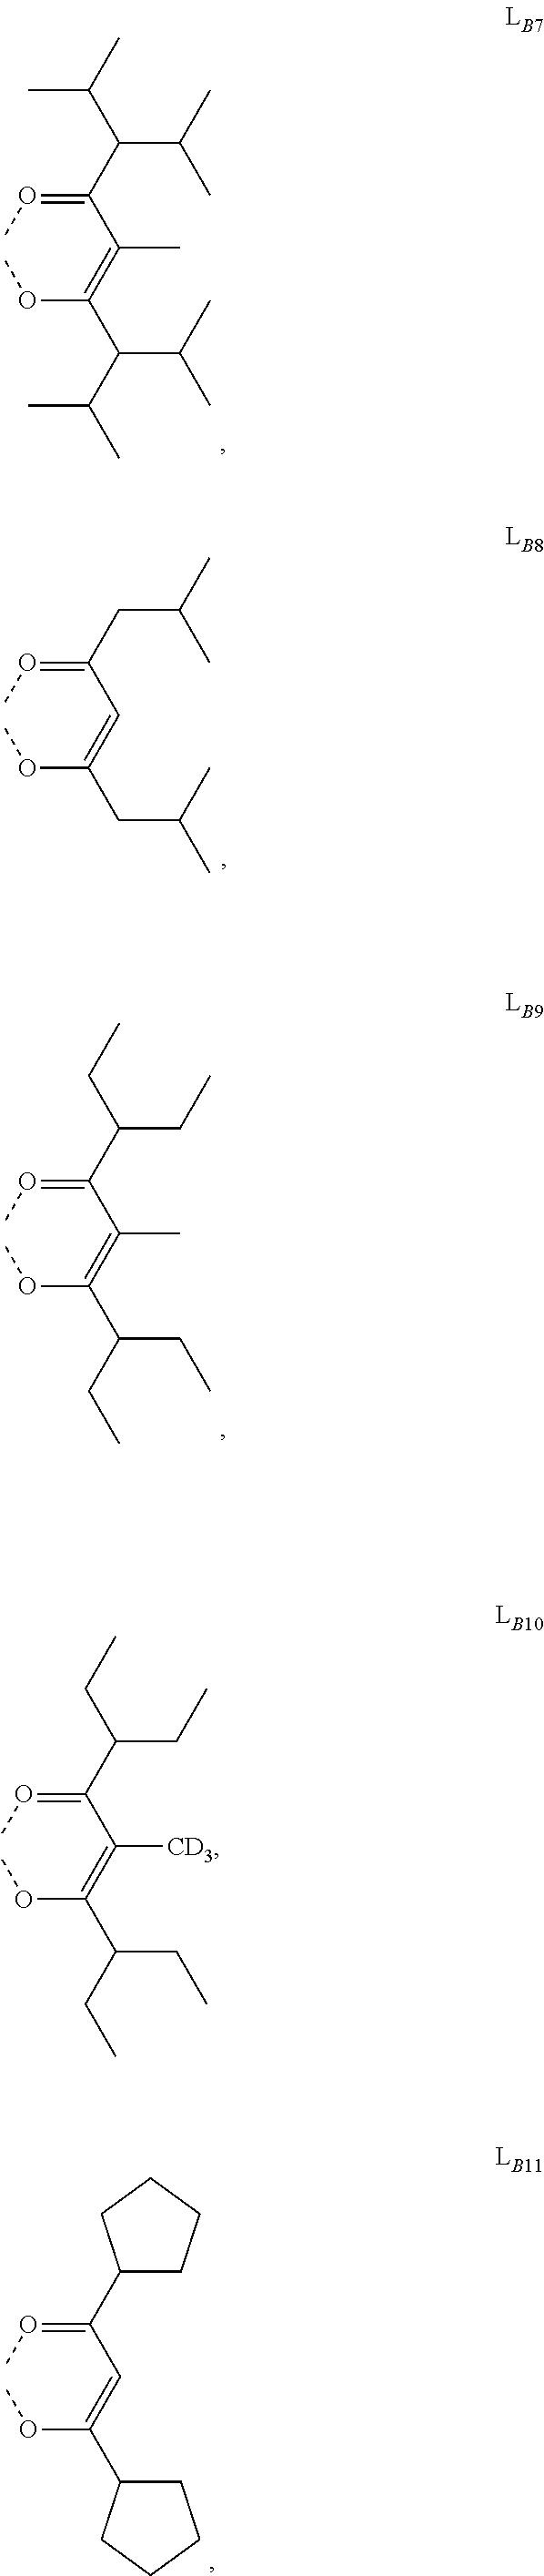 Figure US09859510-20180102-C00149